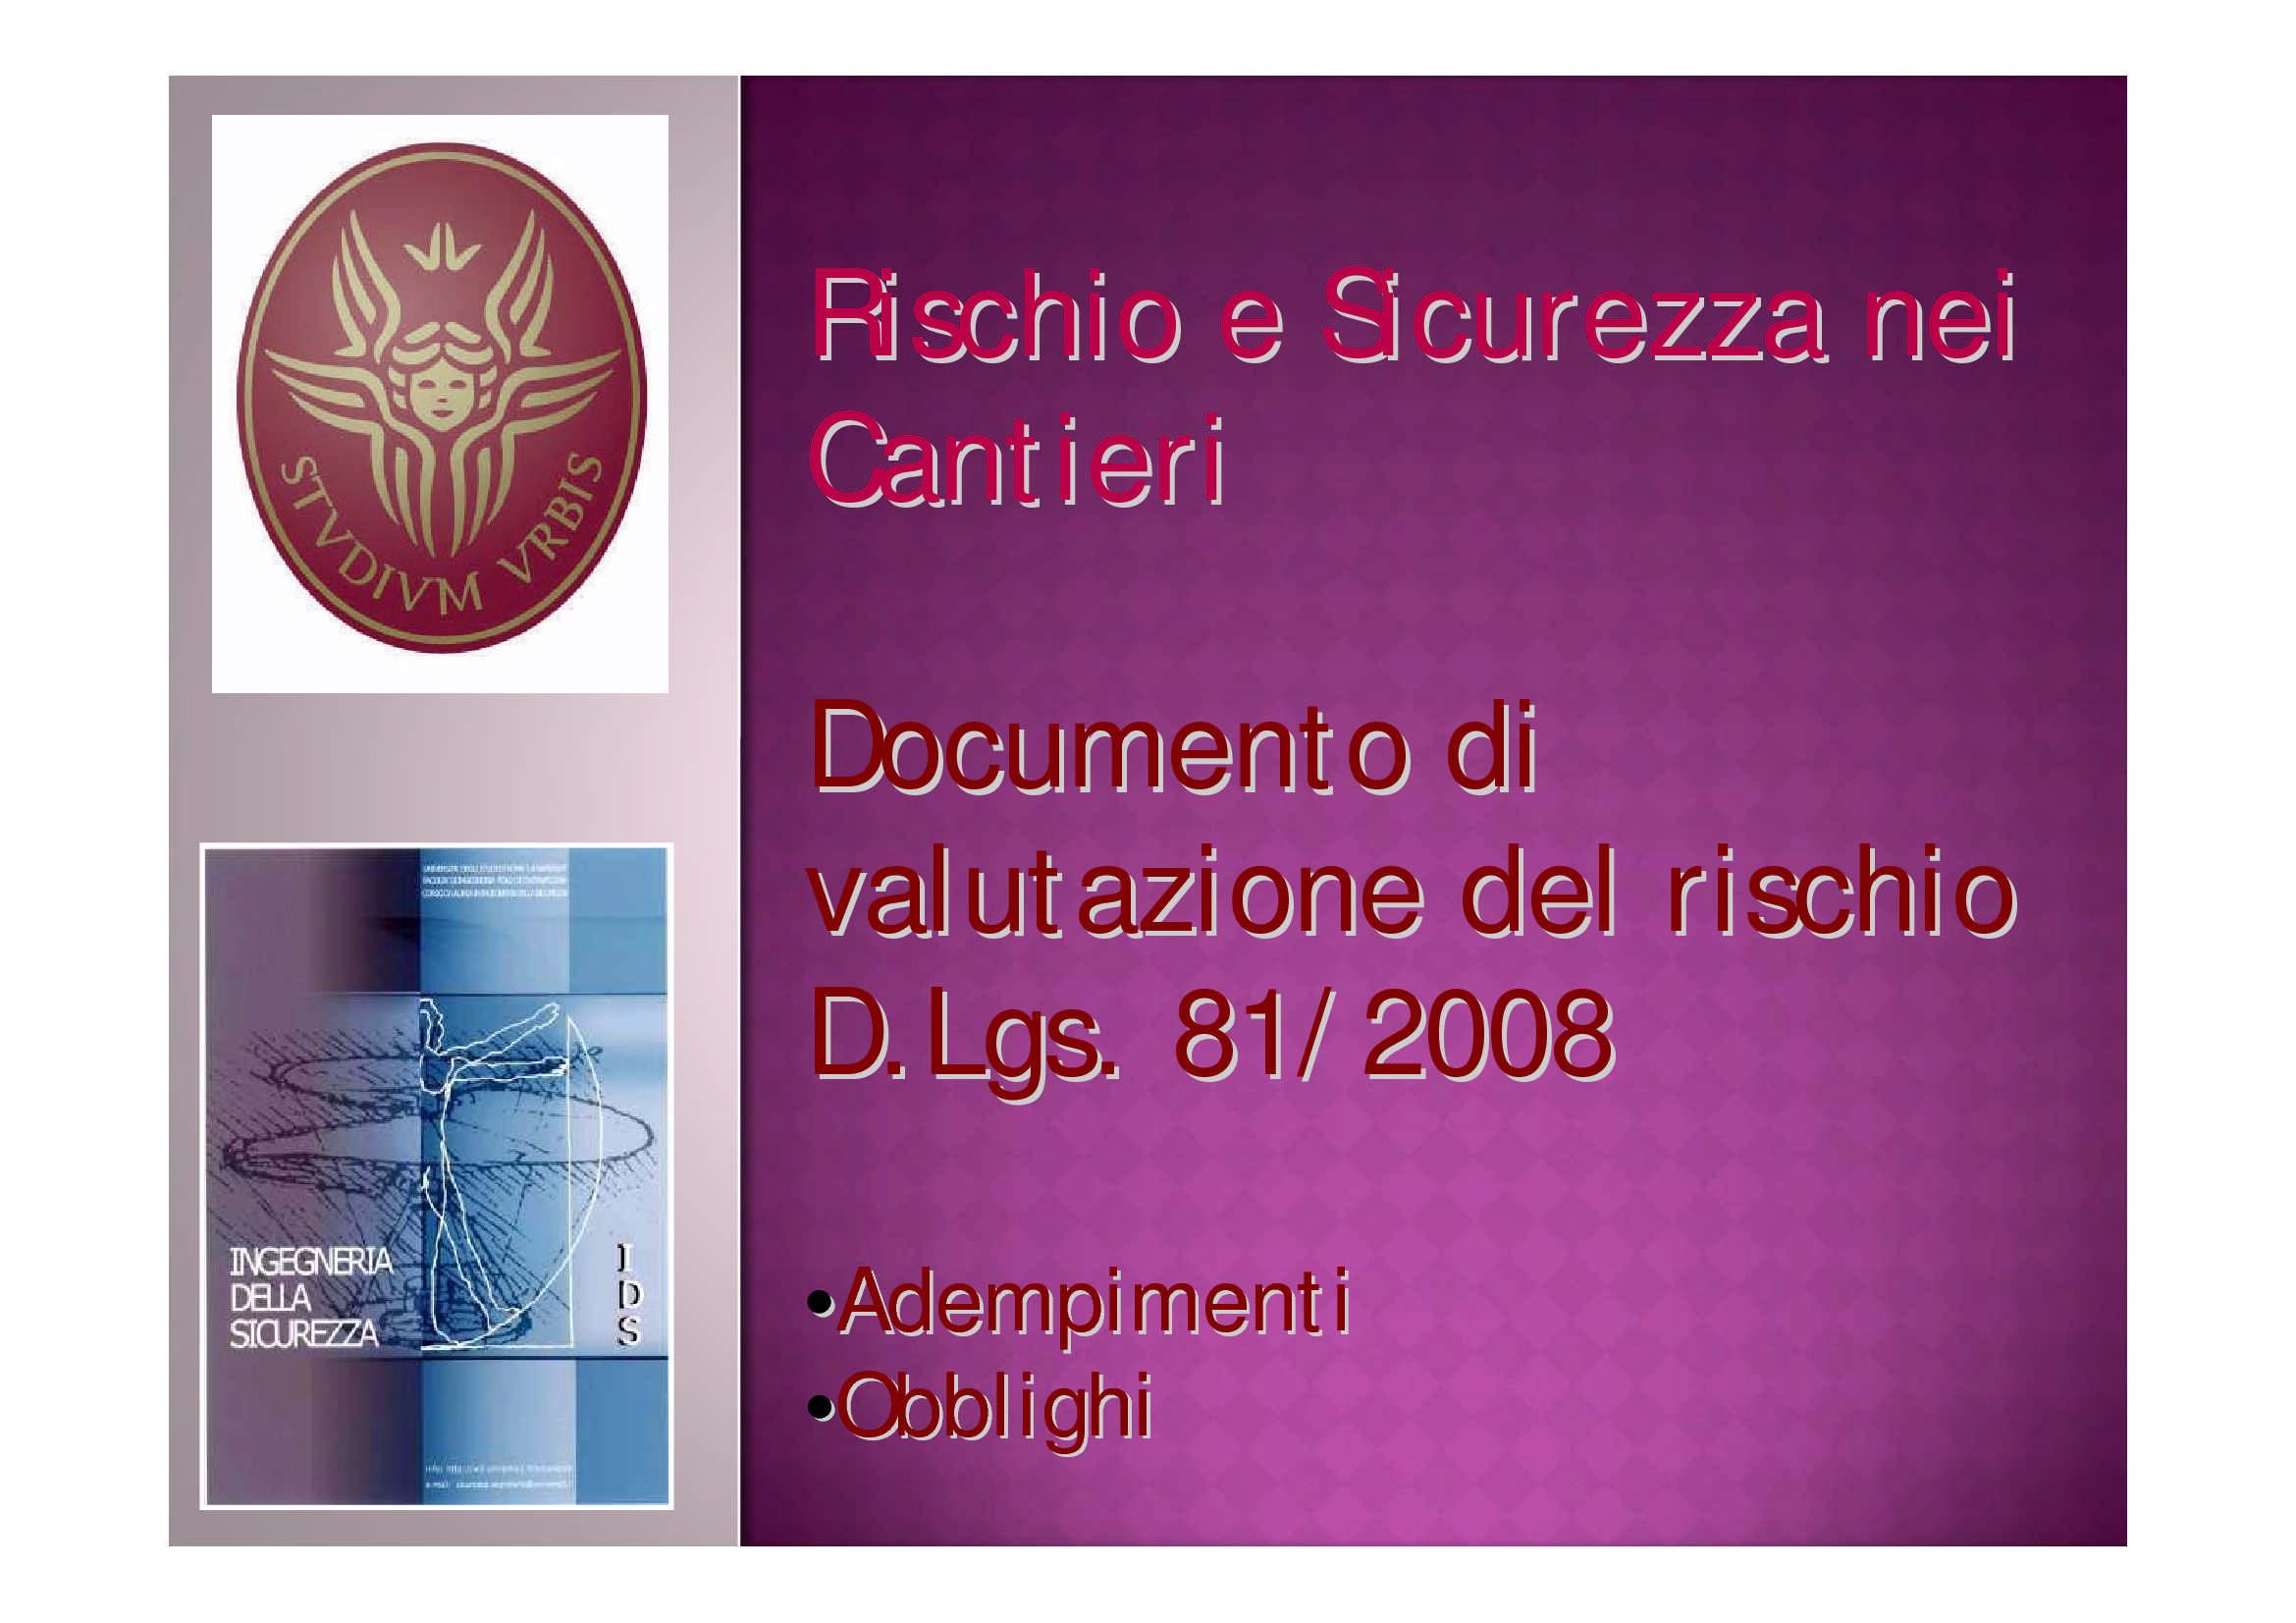 Documento di Valutazione del Rischio - DVR